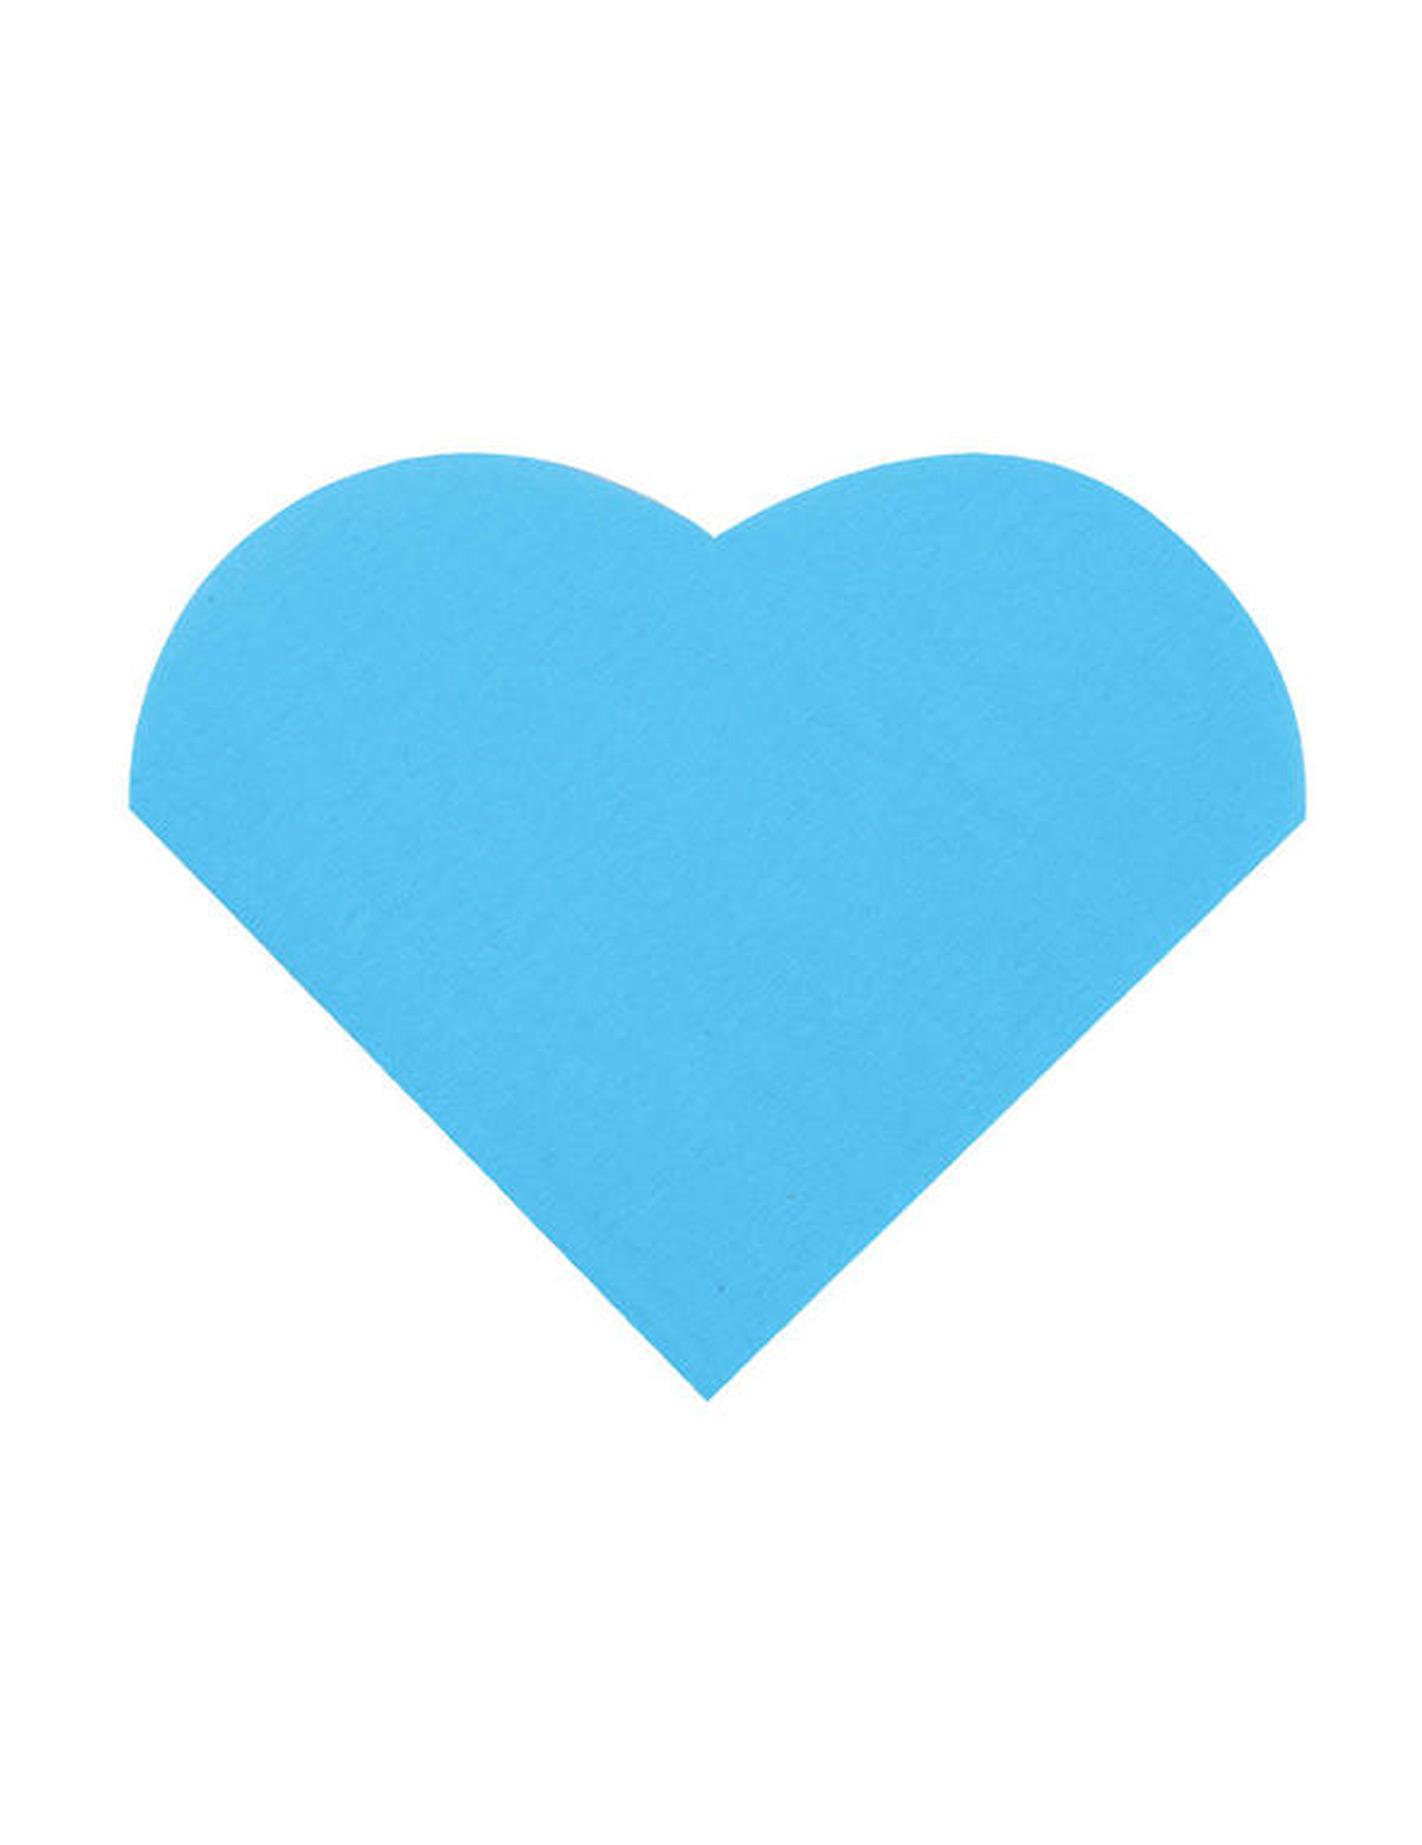 20 petites serviettes coeur en papier turquoise 9 x 12 cm d coration anniversaire et f tes. Black Bedroom Furniture Sets. Home Design Ideas